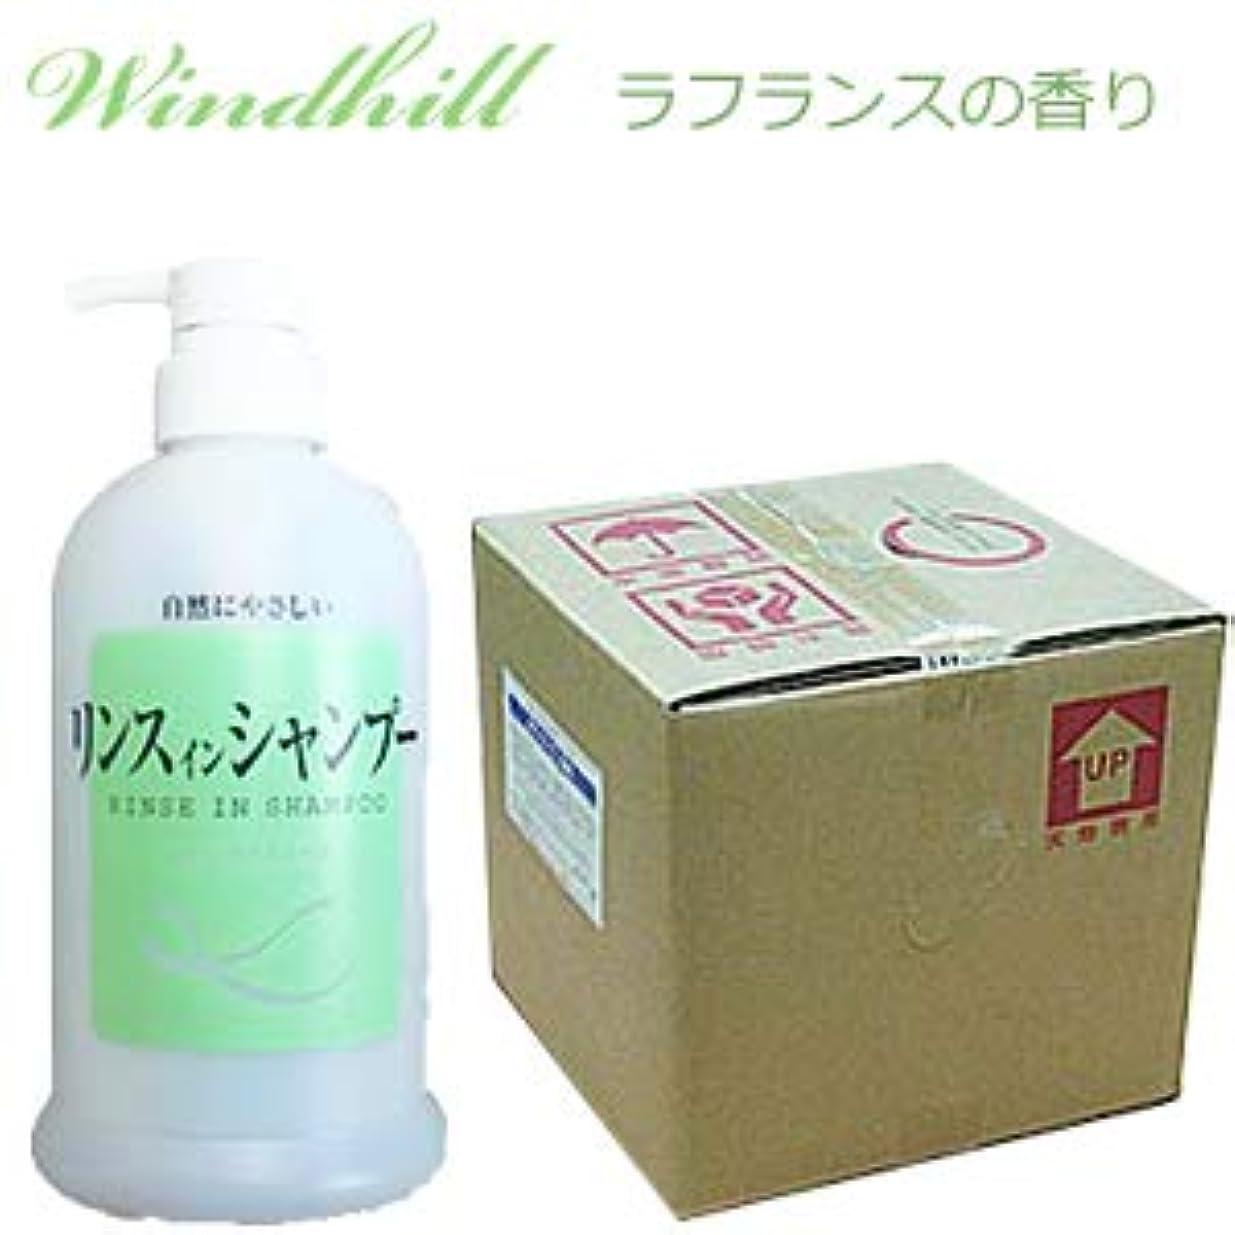 時代振り向くひどく500ml当り173円 Windhill 植物性 業務用 リンスイン シャンプー 爽やかなラフランスの香り 20L